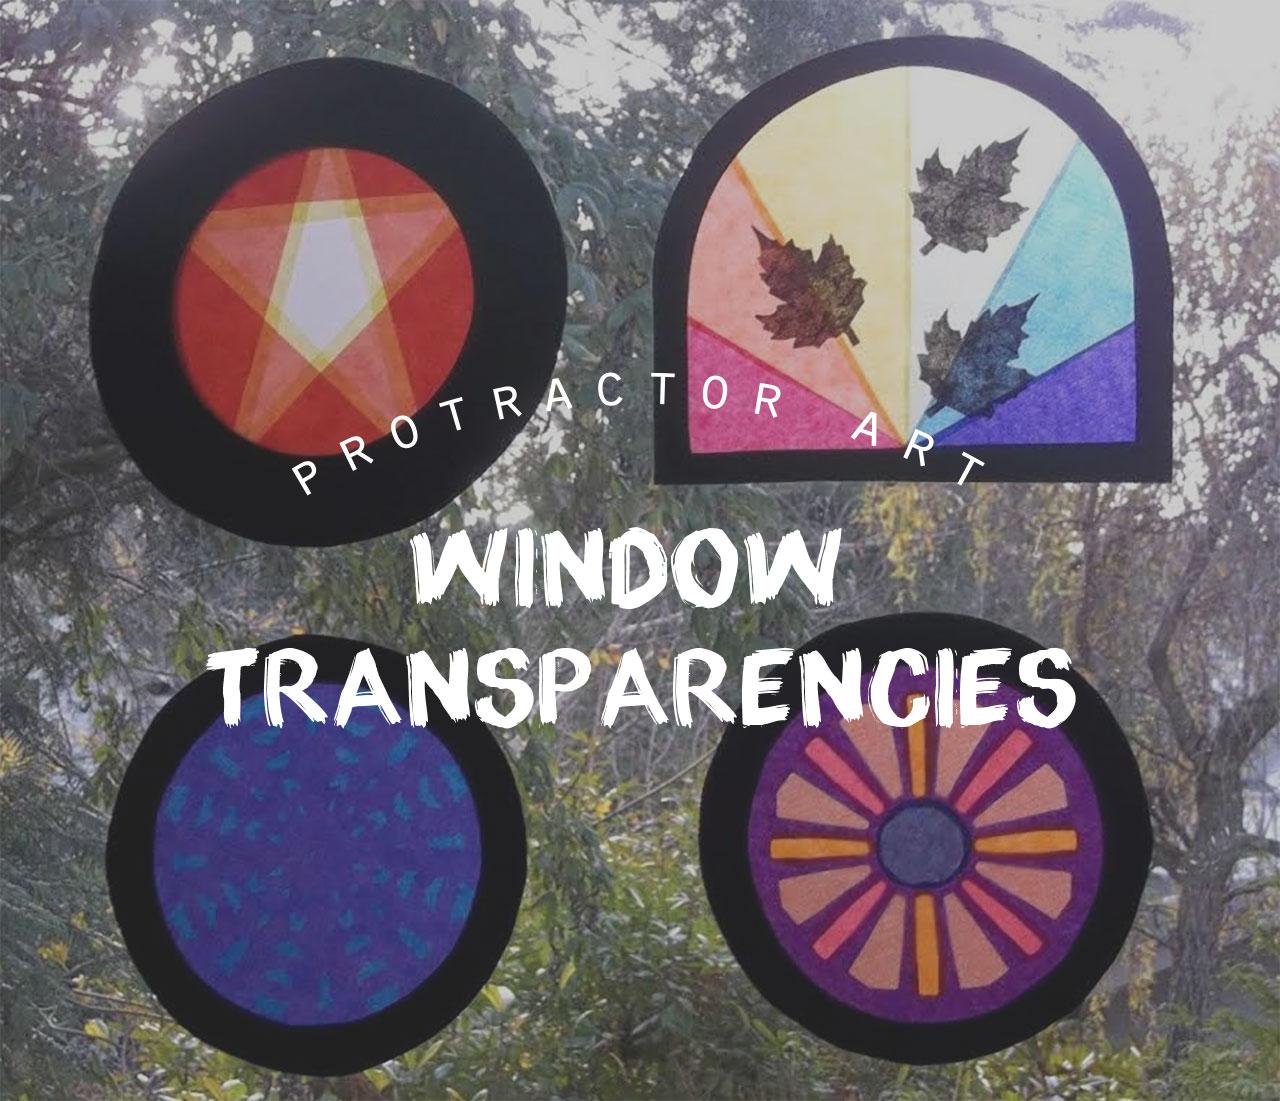 Protractor Art: Window Transparencies